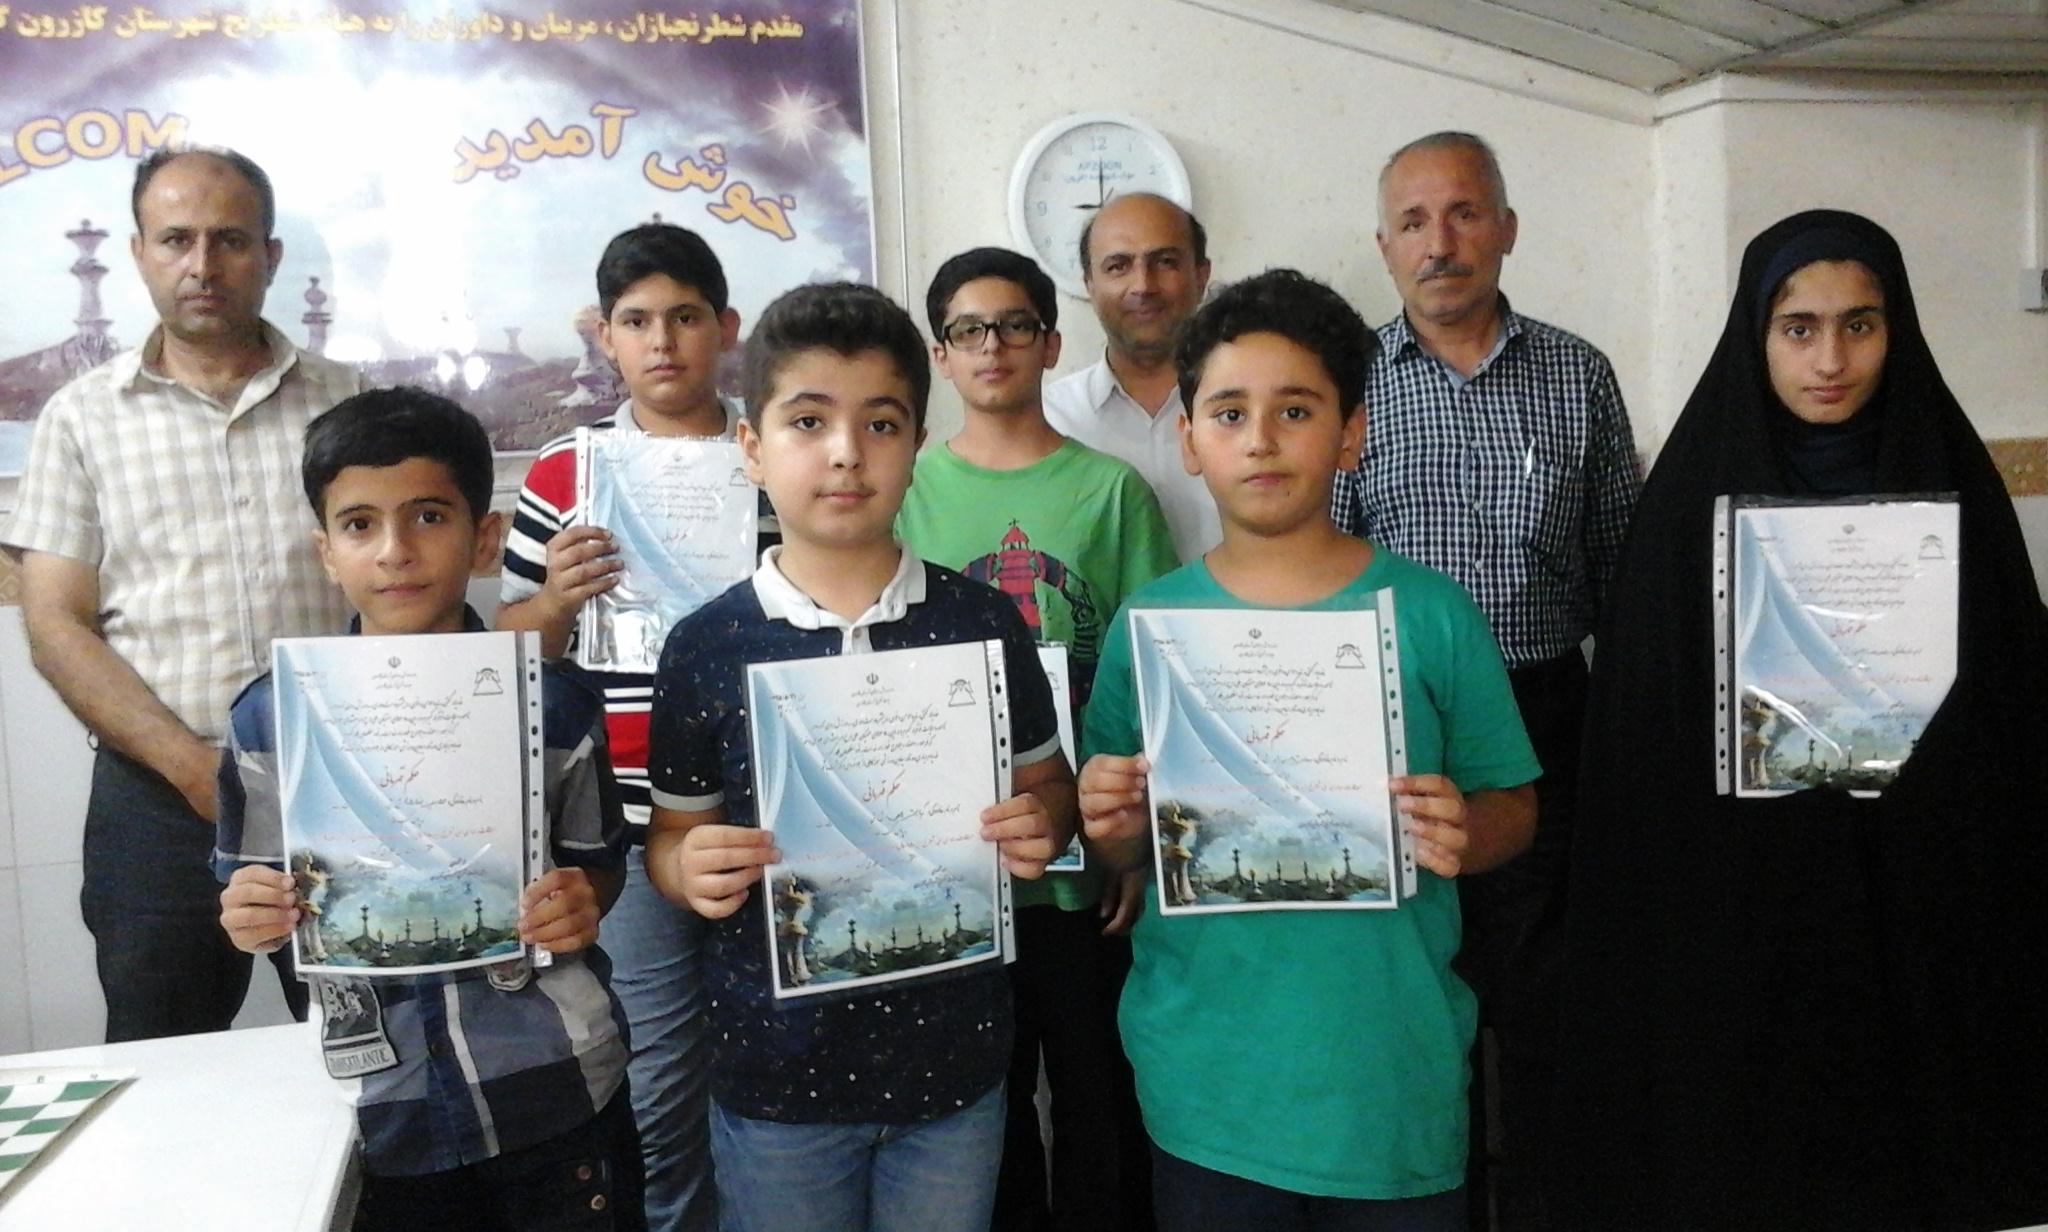 برگزاری مسابقات شطرنج قهرمانی رده سنی زیر 18 سال به میزبانی هیات شطرنج شهرستان کازرون